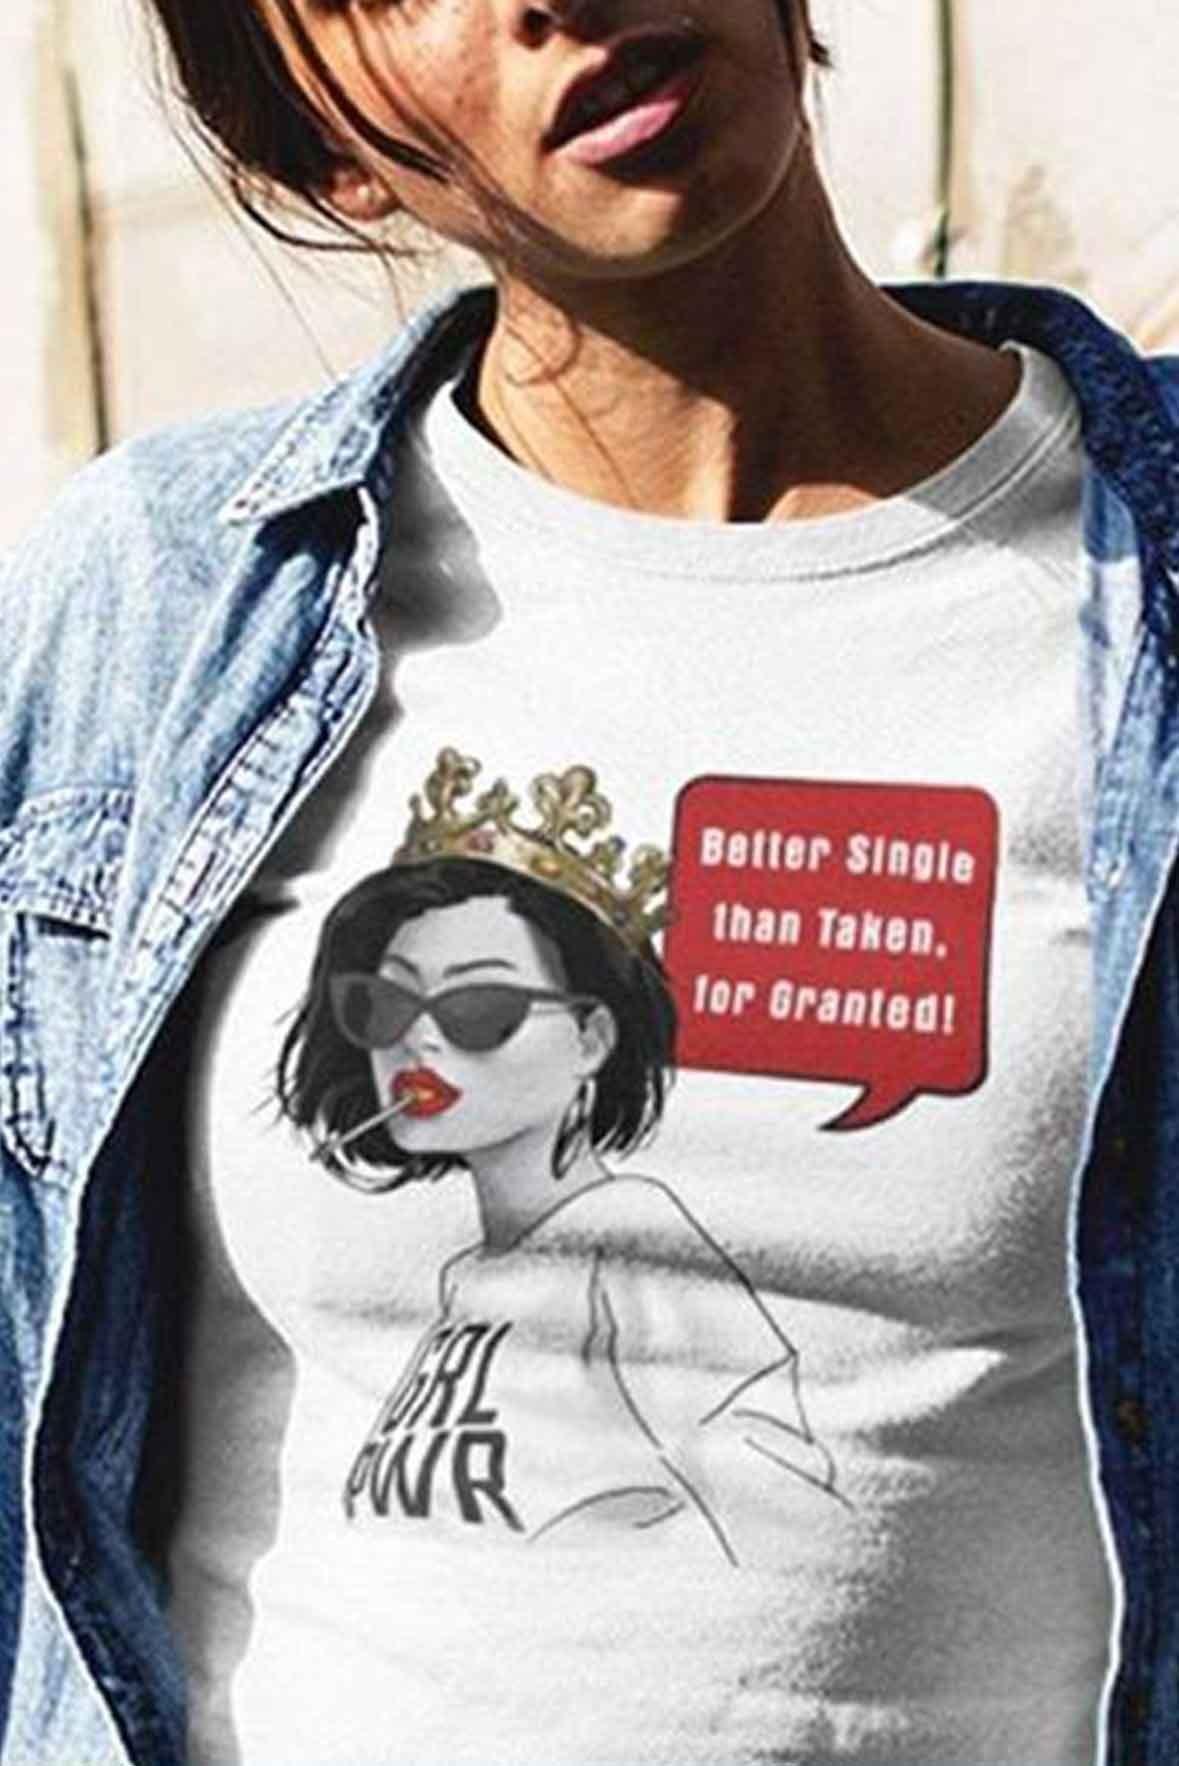 Better Single t-shirt